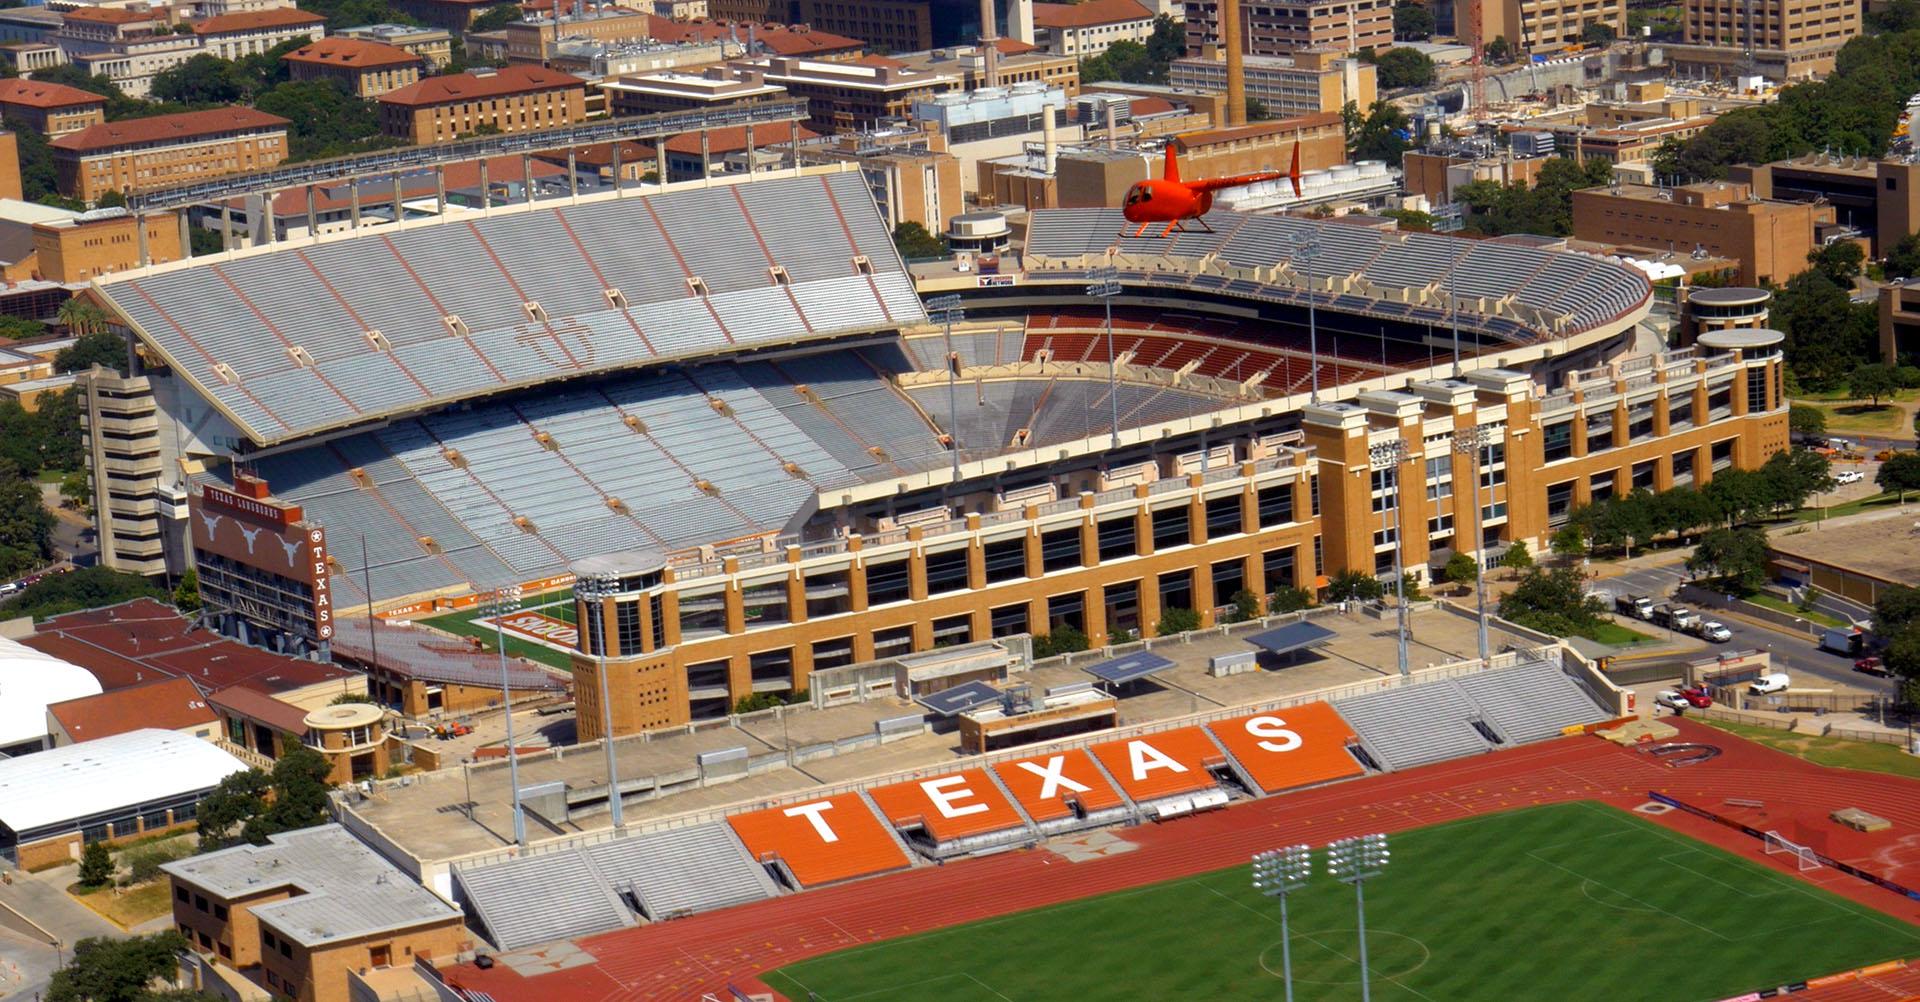 Austin City Limits Tour  Helicopter Tours Austin TX